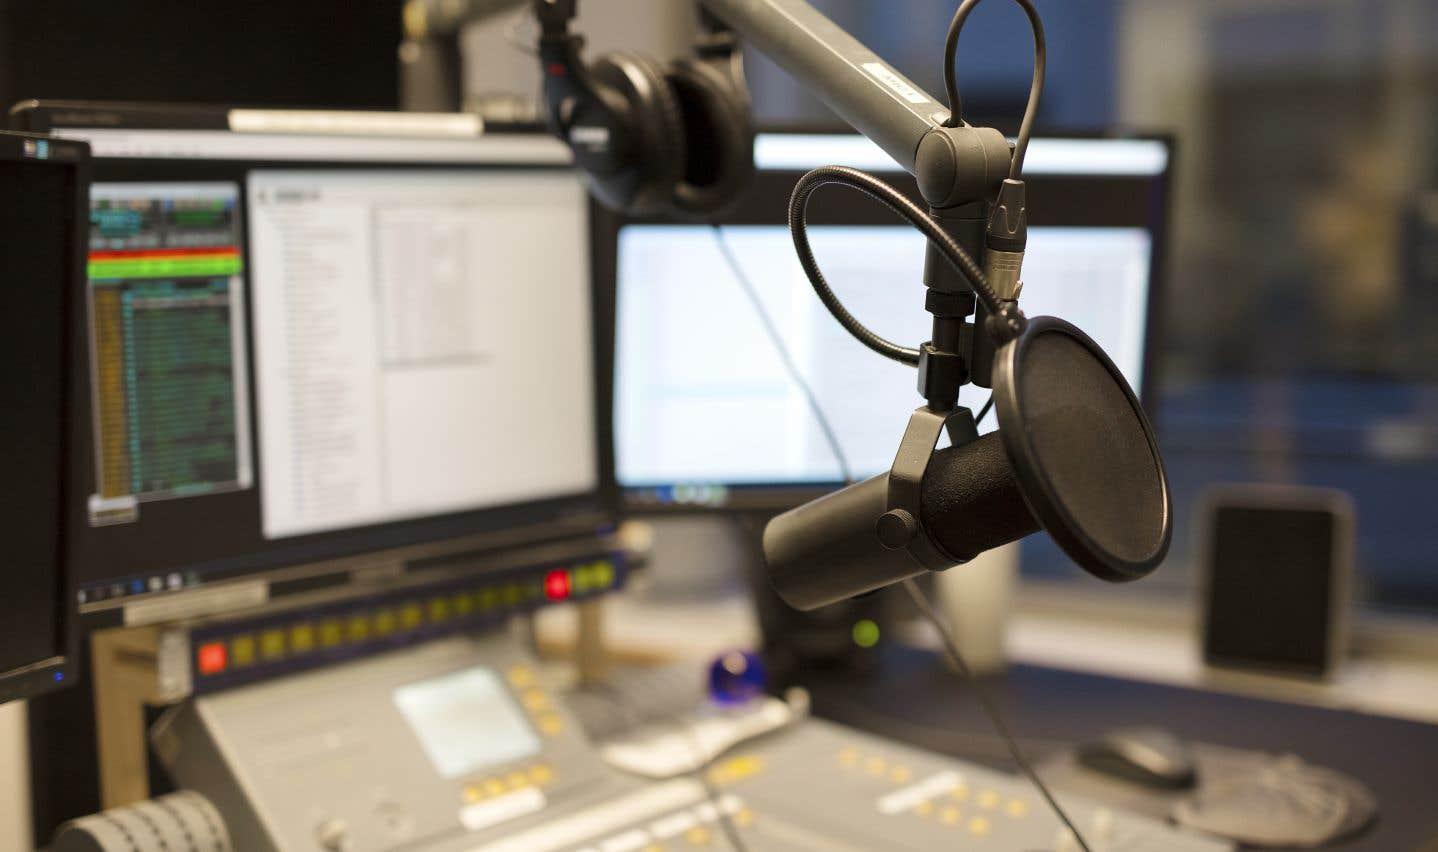 Dans les cases horaires autrefois occupées par de la musique, les parts de marché du 98,5 FM seraient passées de 10% à moins de 3%.